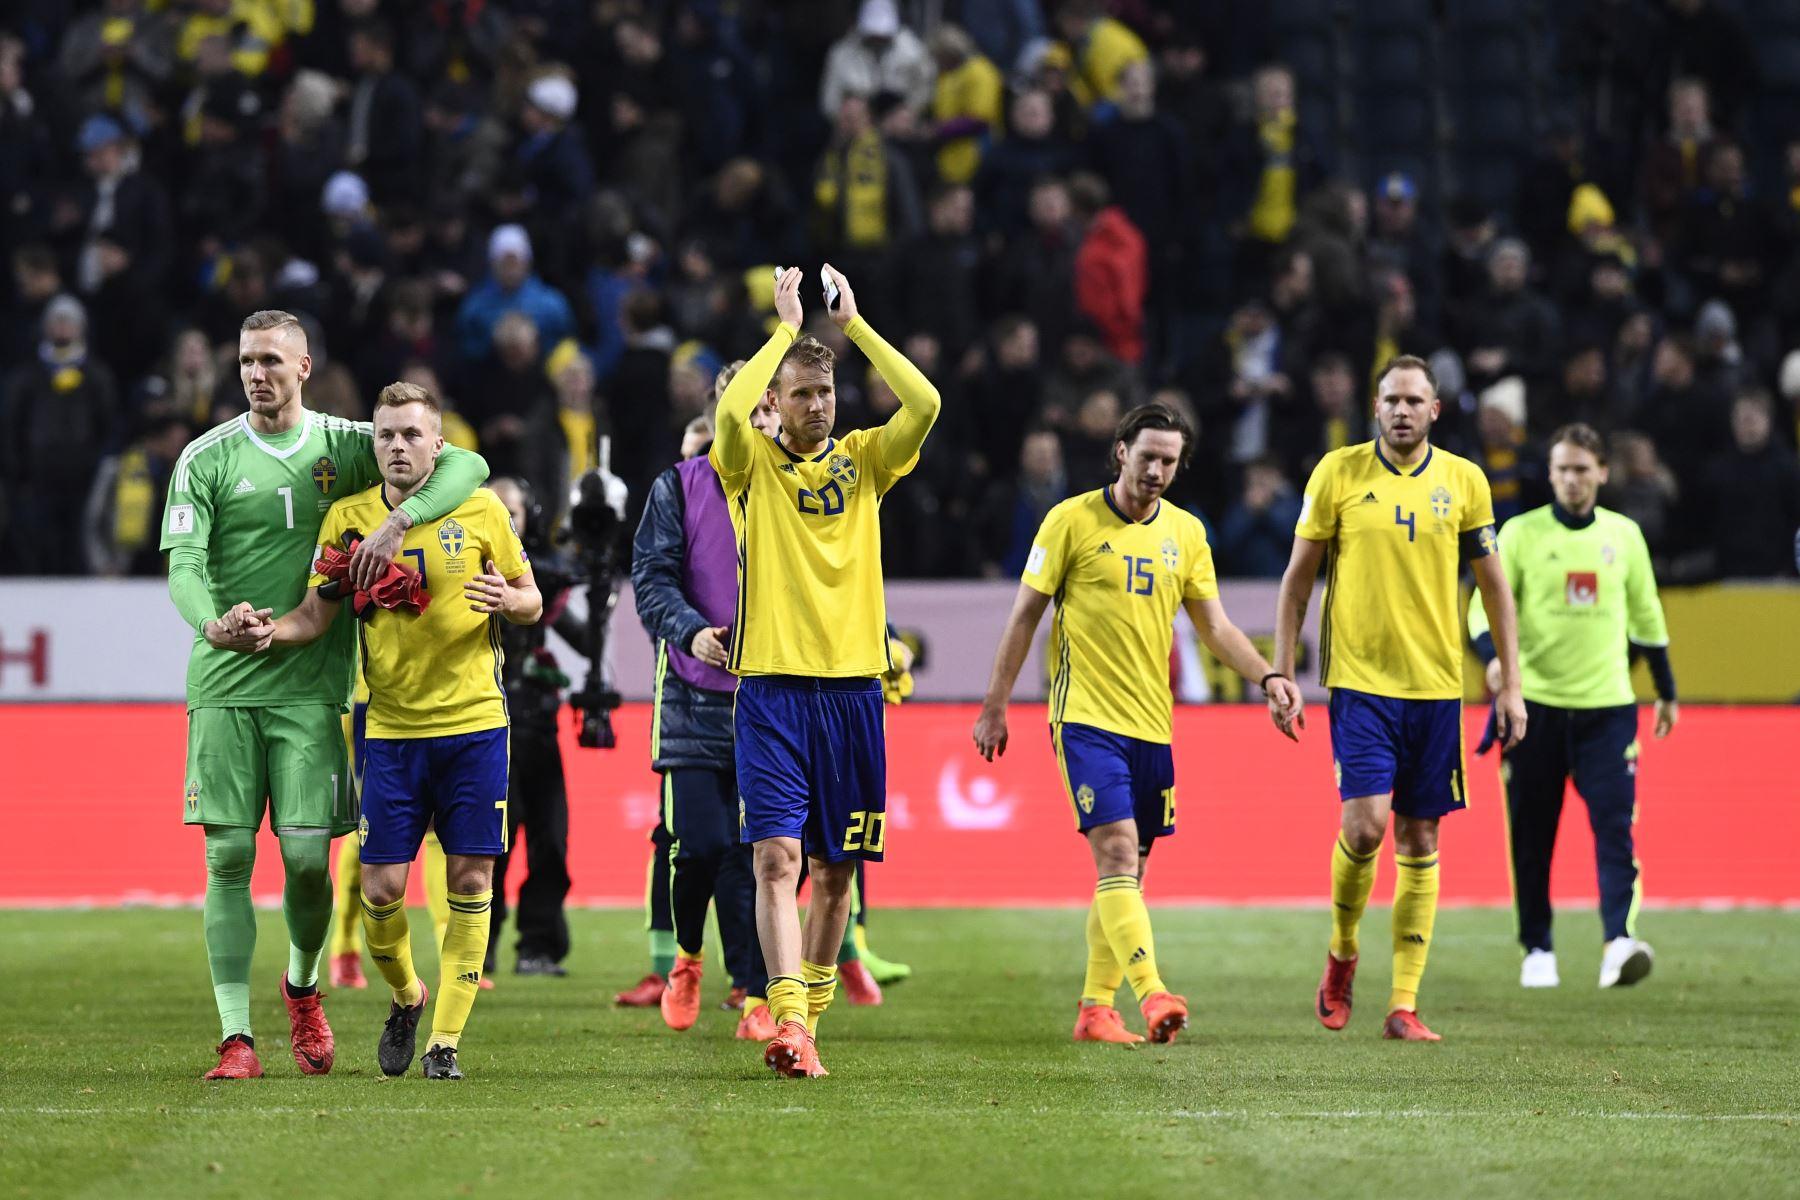 Suecia celebra el triunfo ante Italia por el repechaje europeo. Foto: AFP.